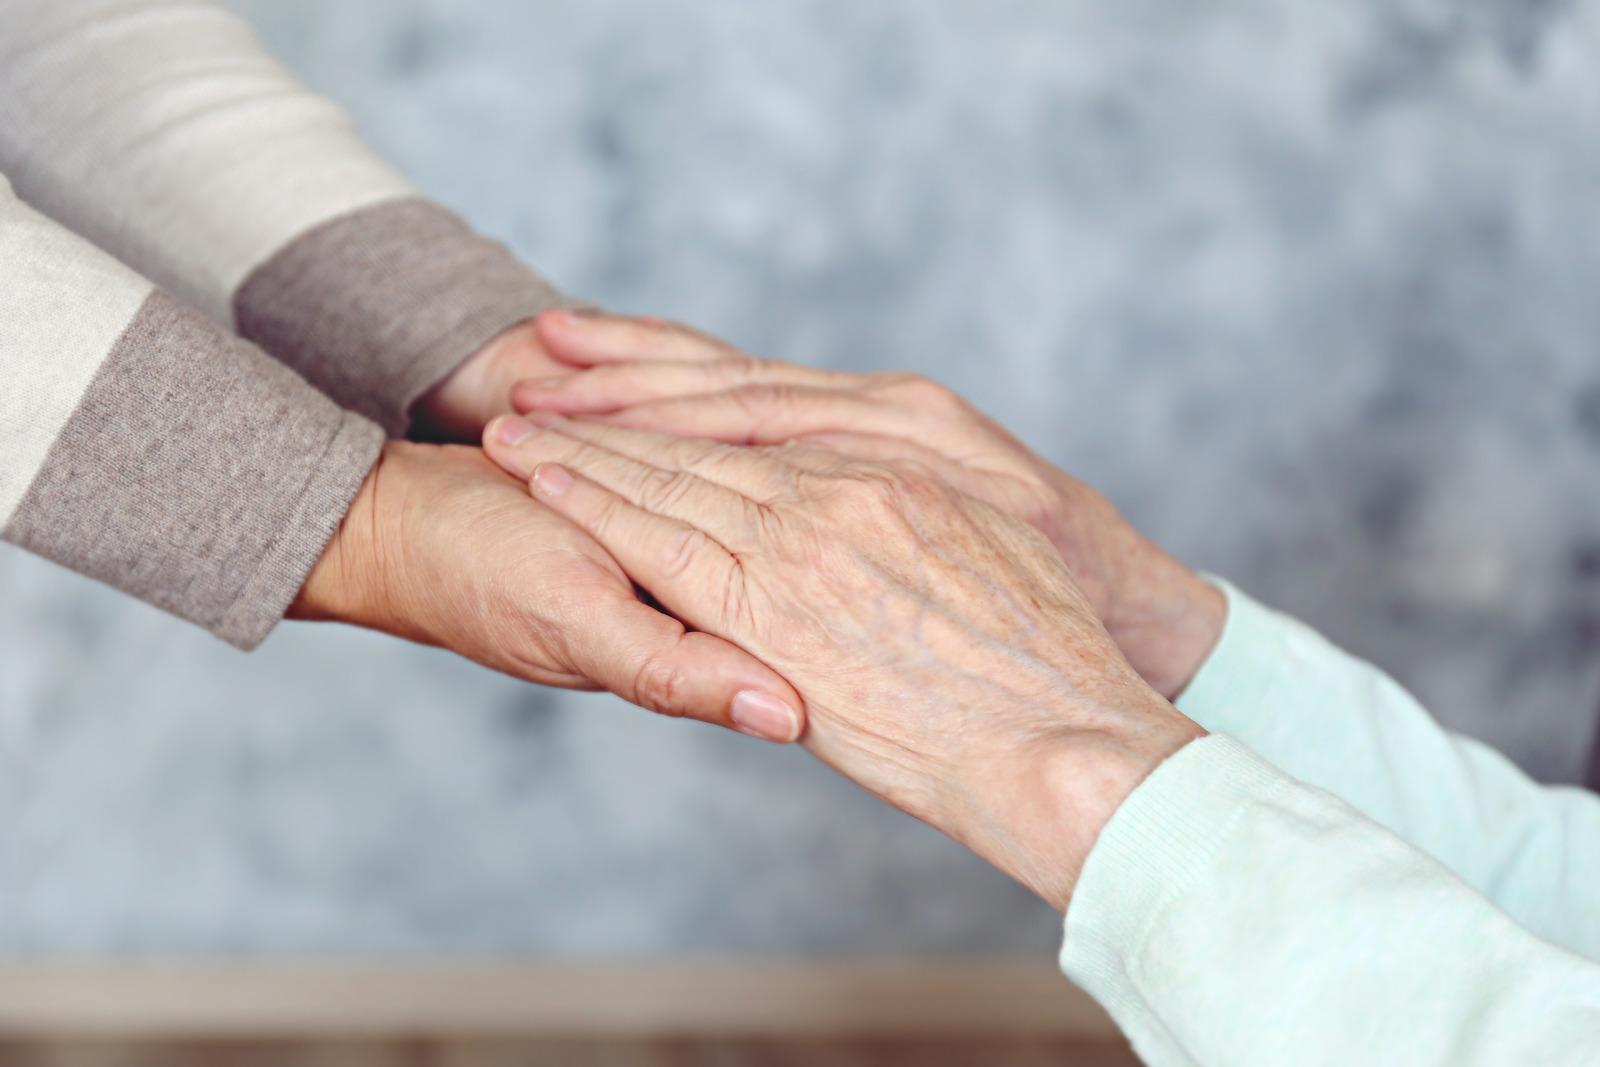 Vanhemman henkilön kädet ovat vasten nuoremman henkilön käsiä